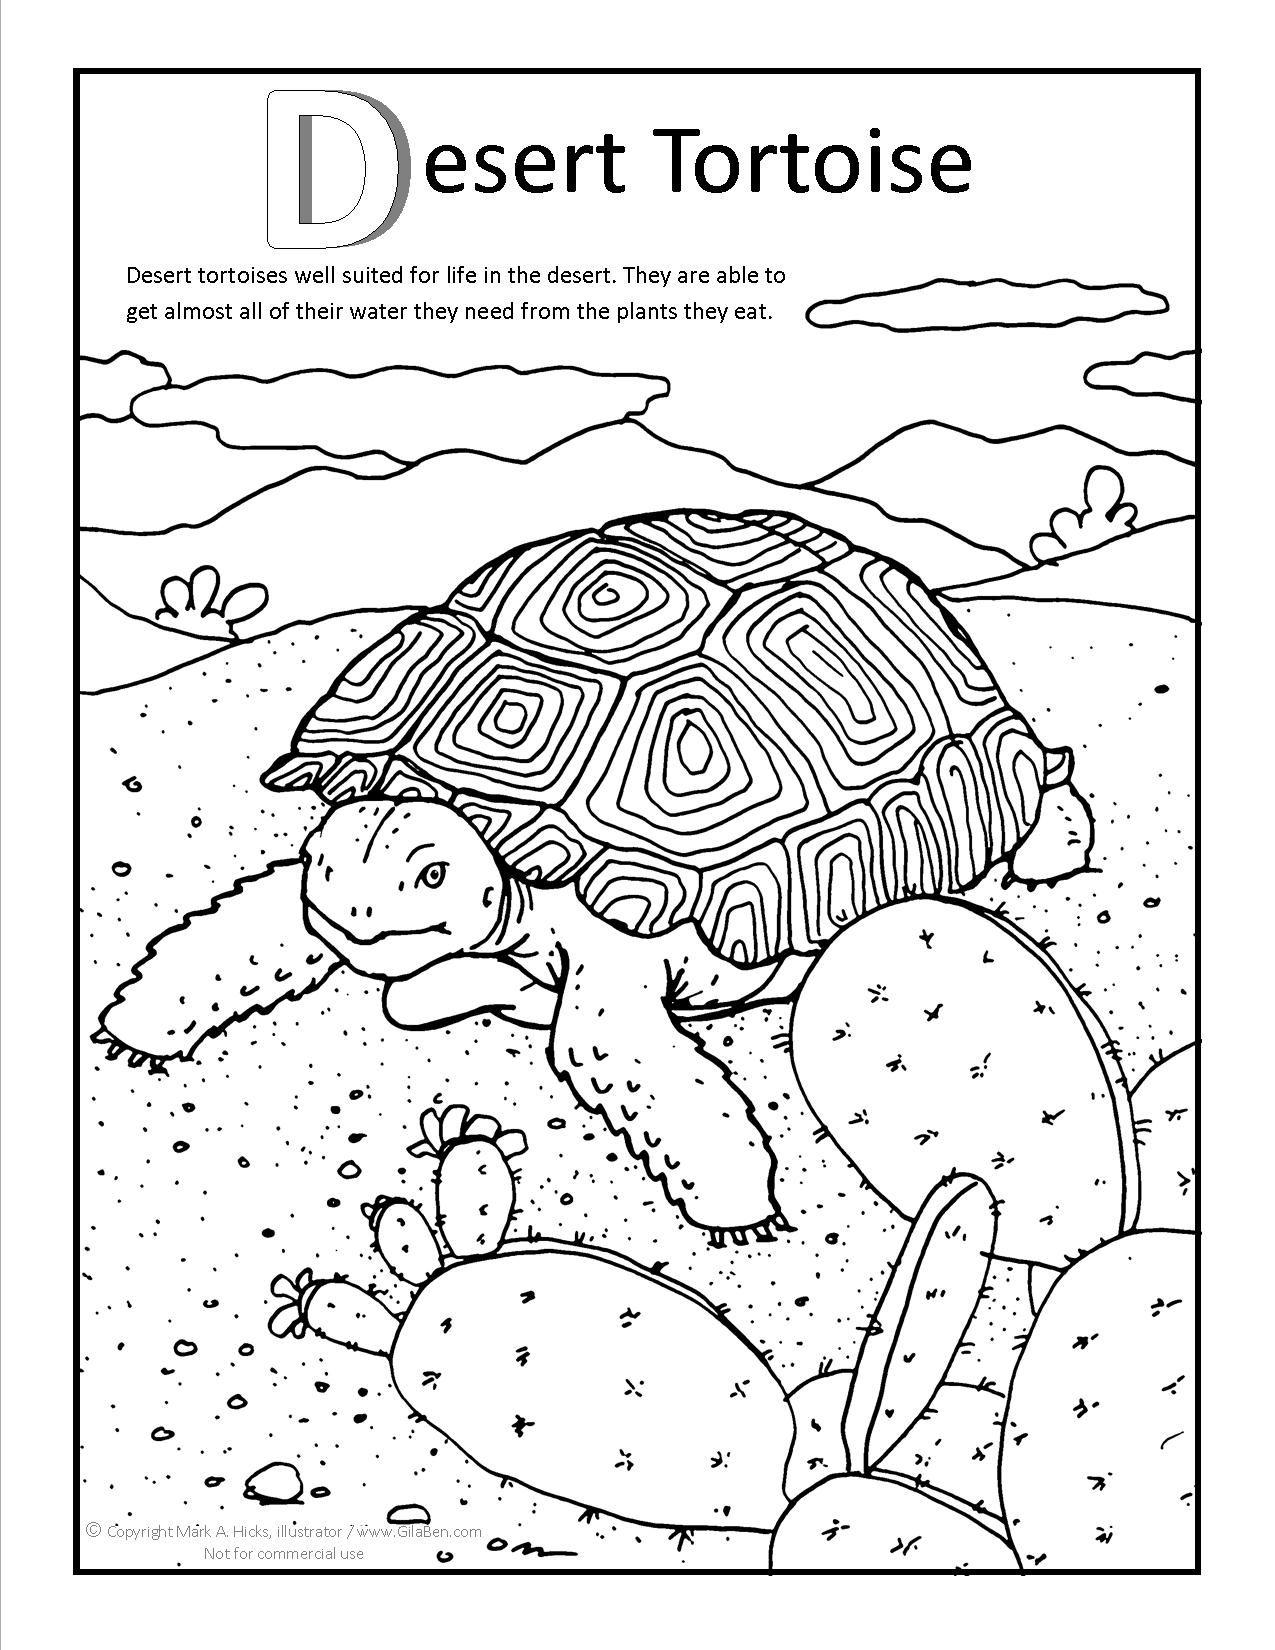 Desert Tortoise Coloring Page At Gilaben Com Desert Tortoise